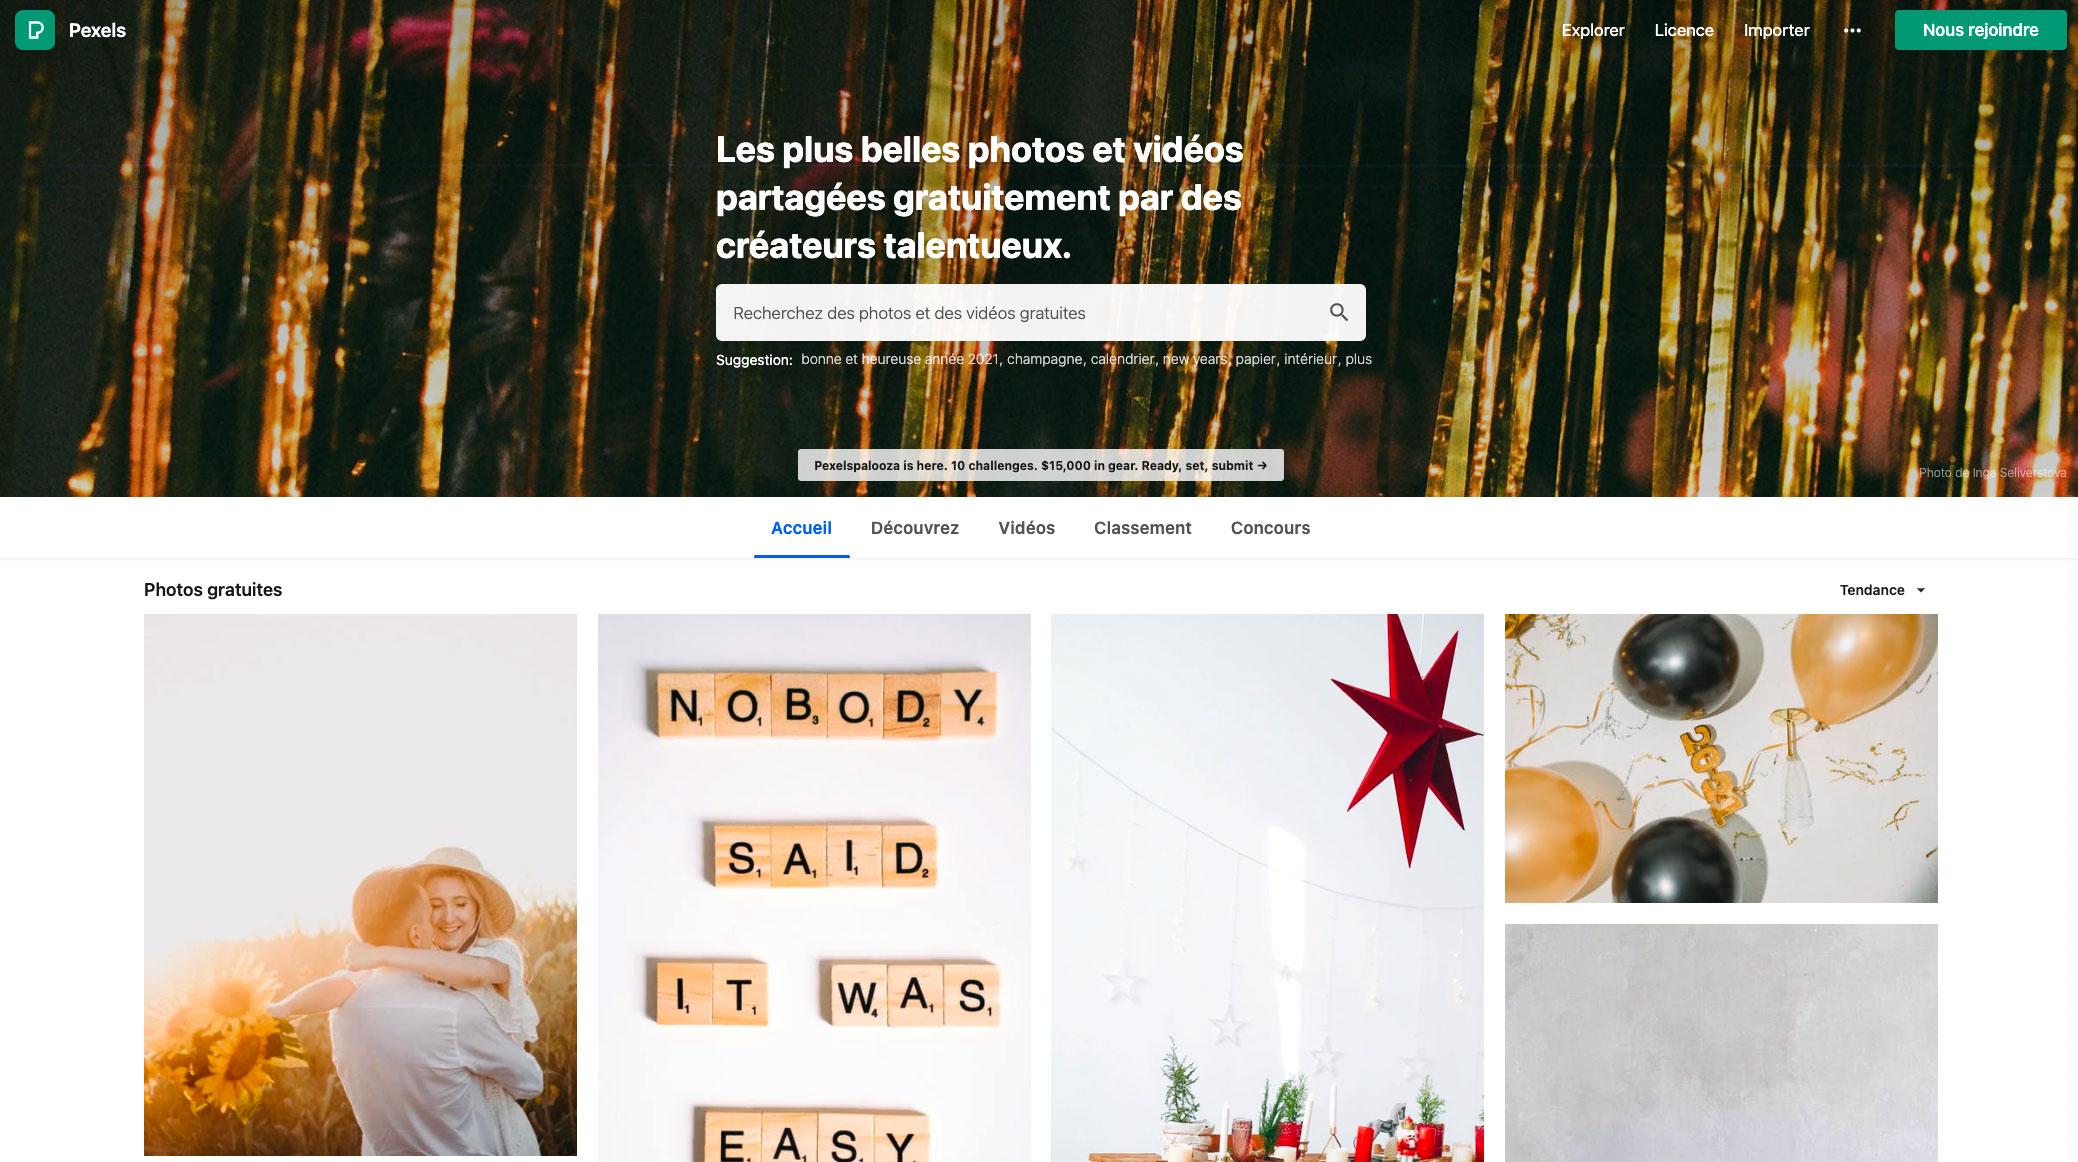 La page d'accueil de Pexels